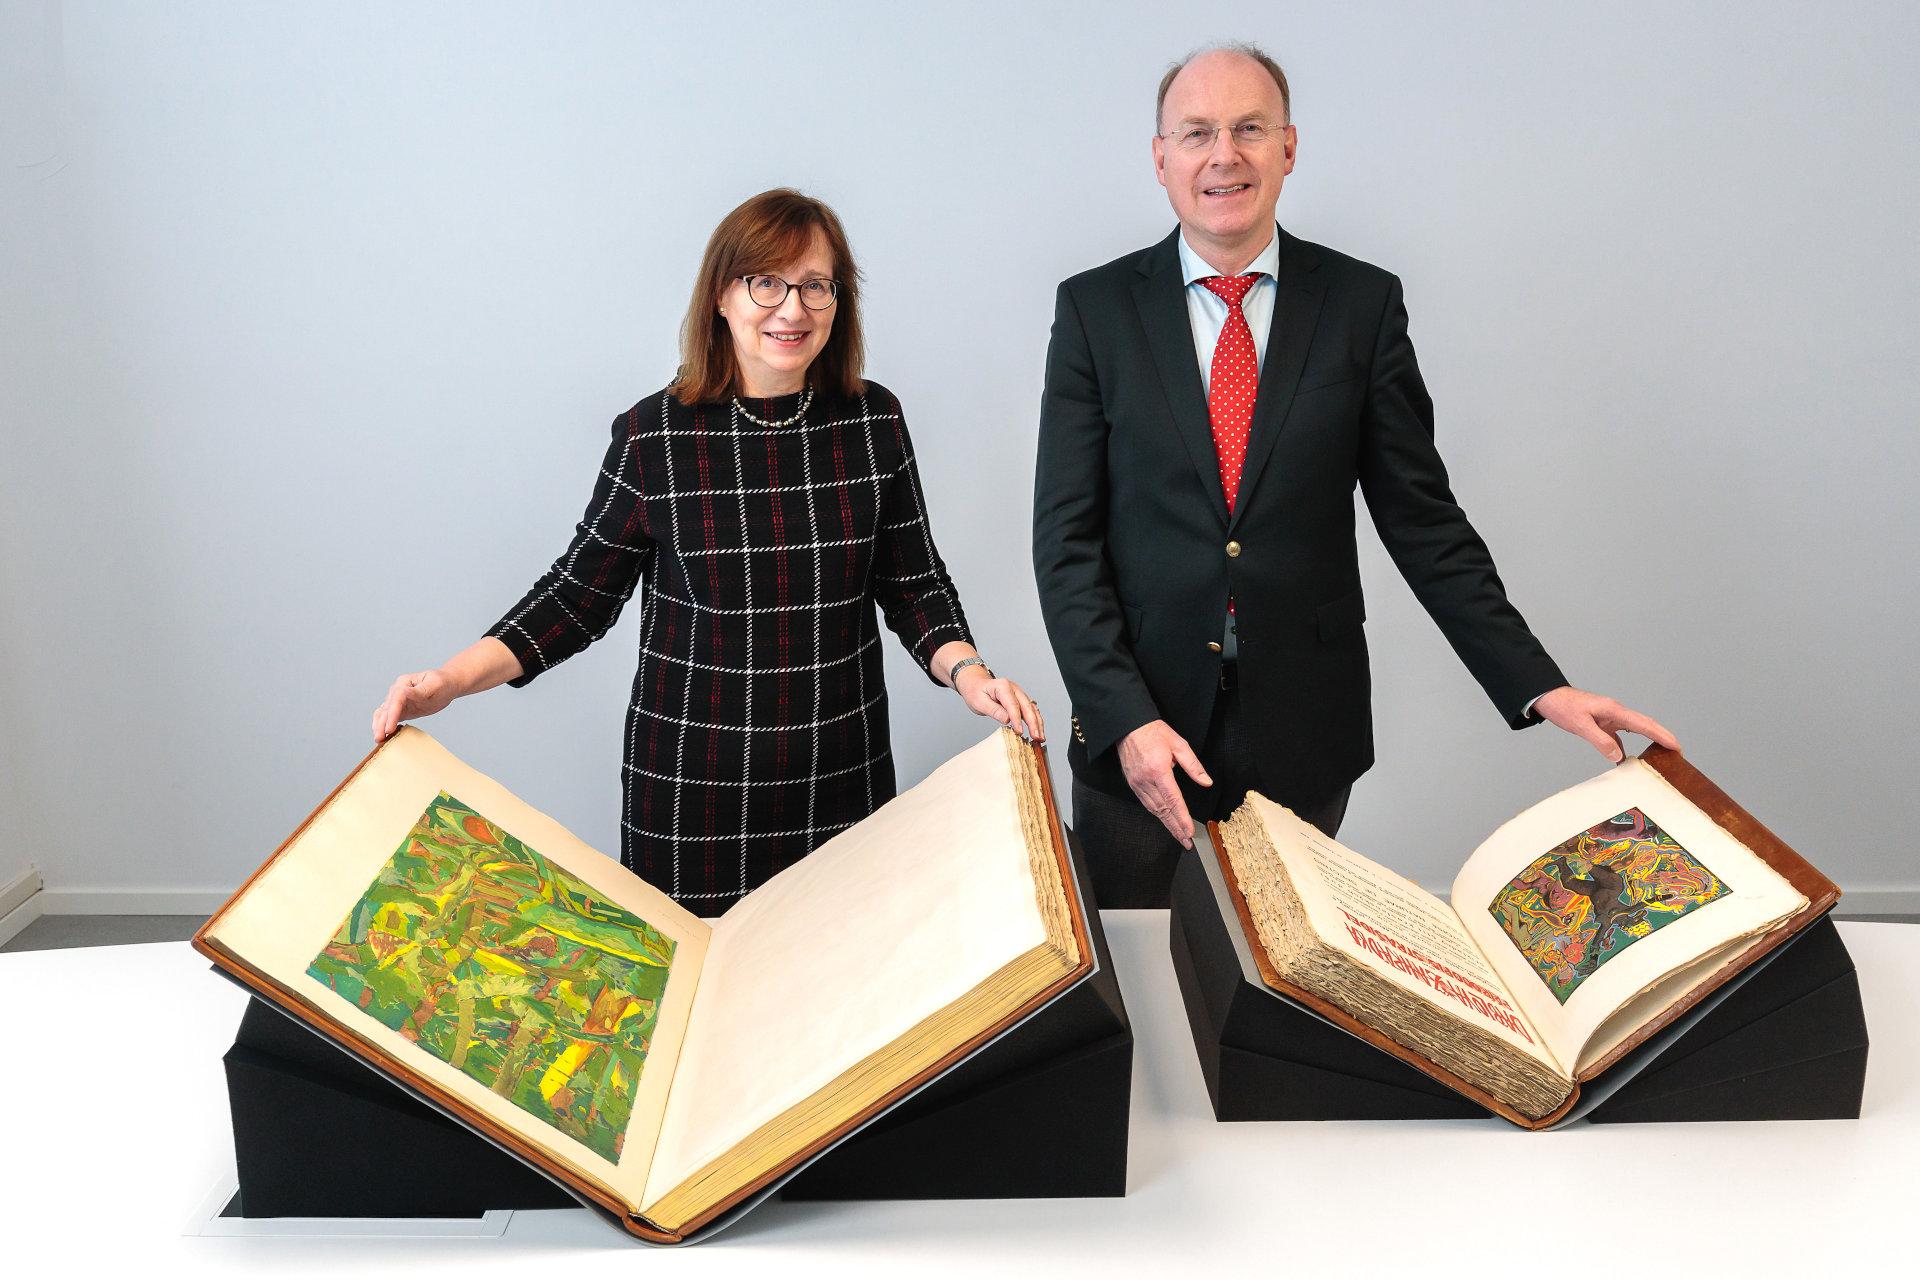 Bayerische Staatsbibliothek erwirbt seltene Künstlerbücher des tschechischen Künstlers Josef Váchal